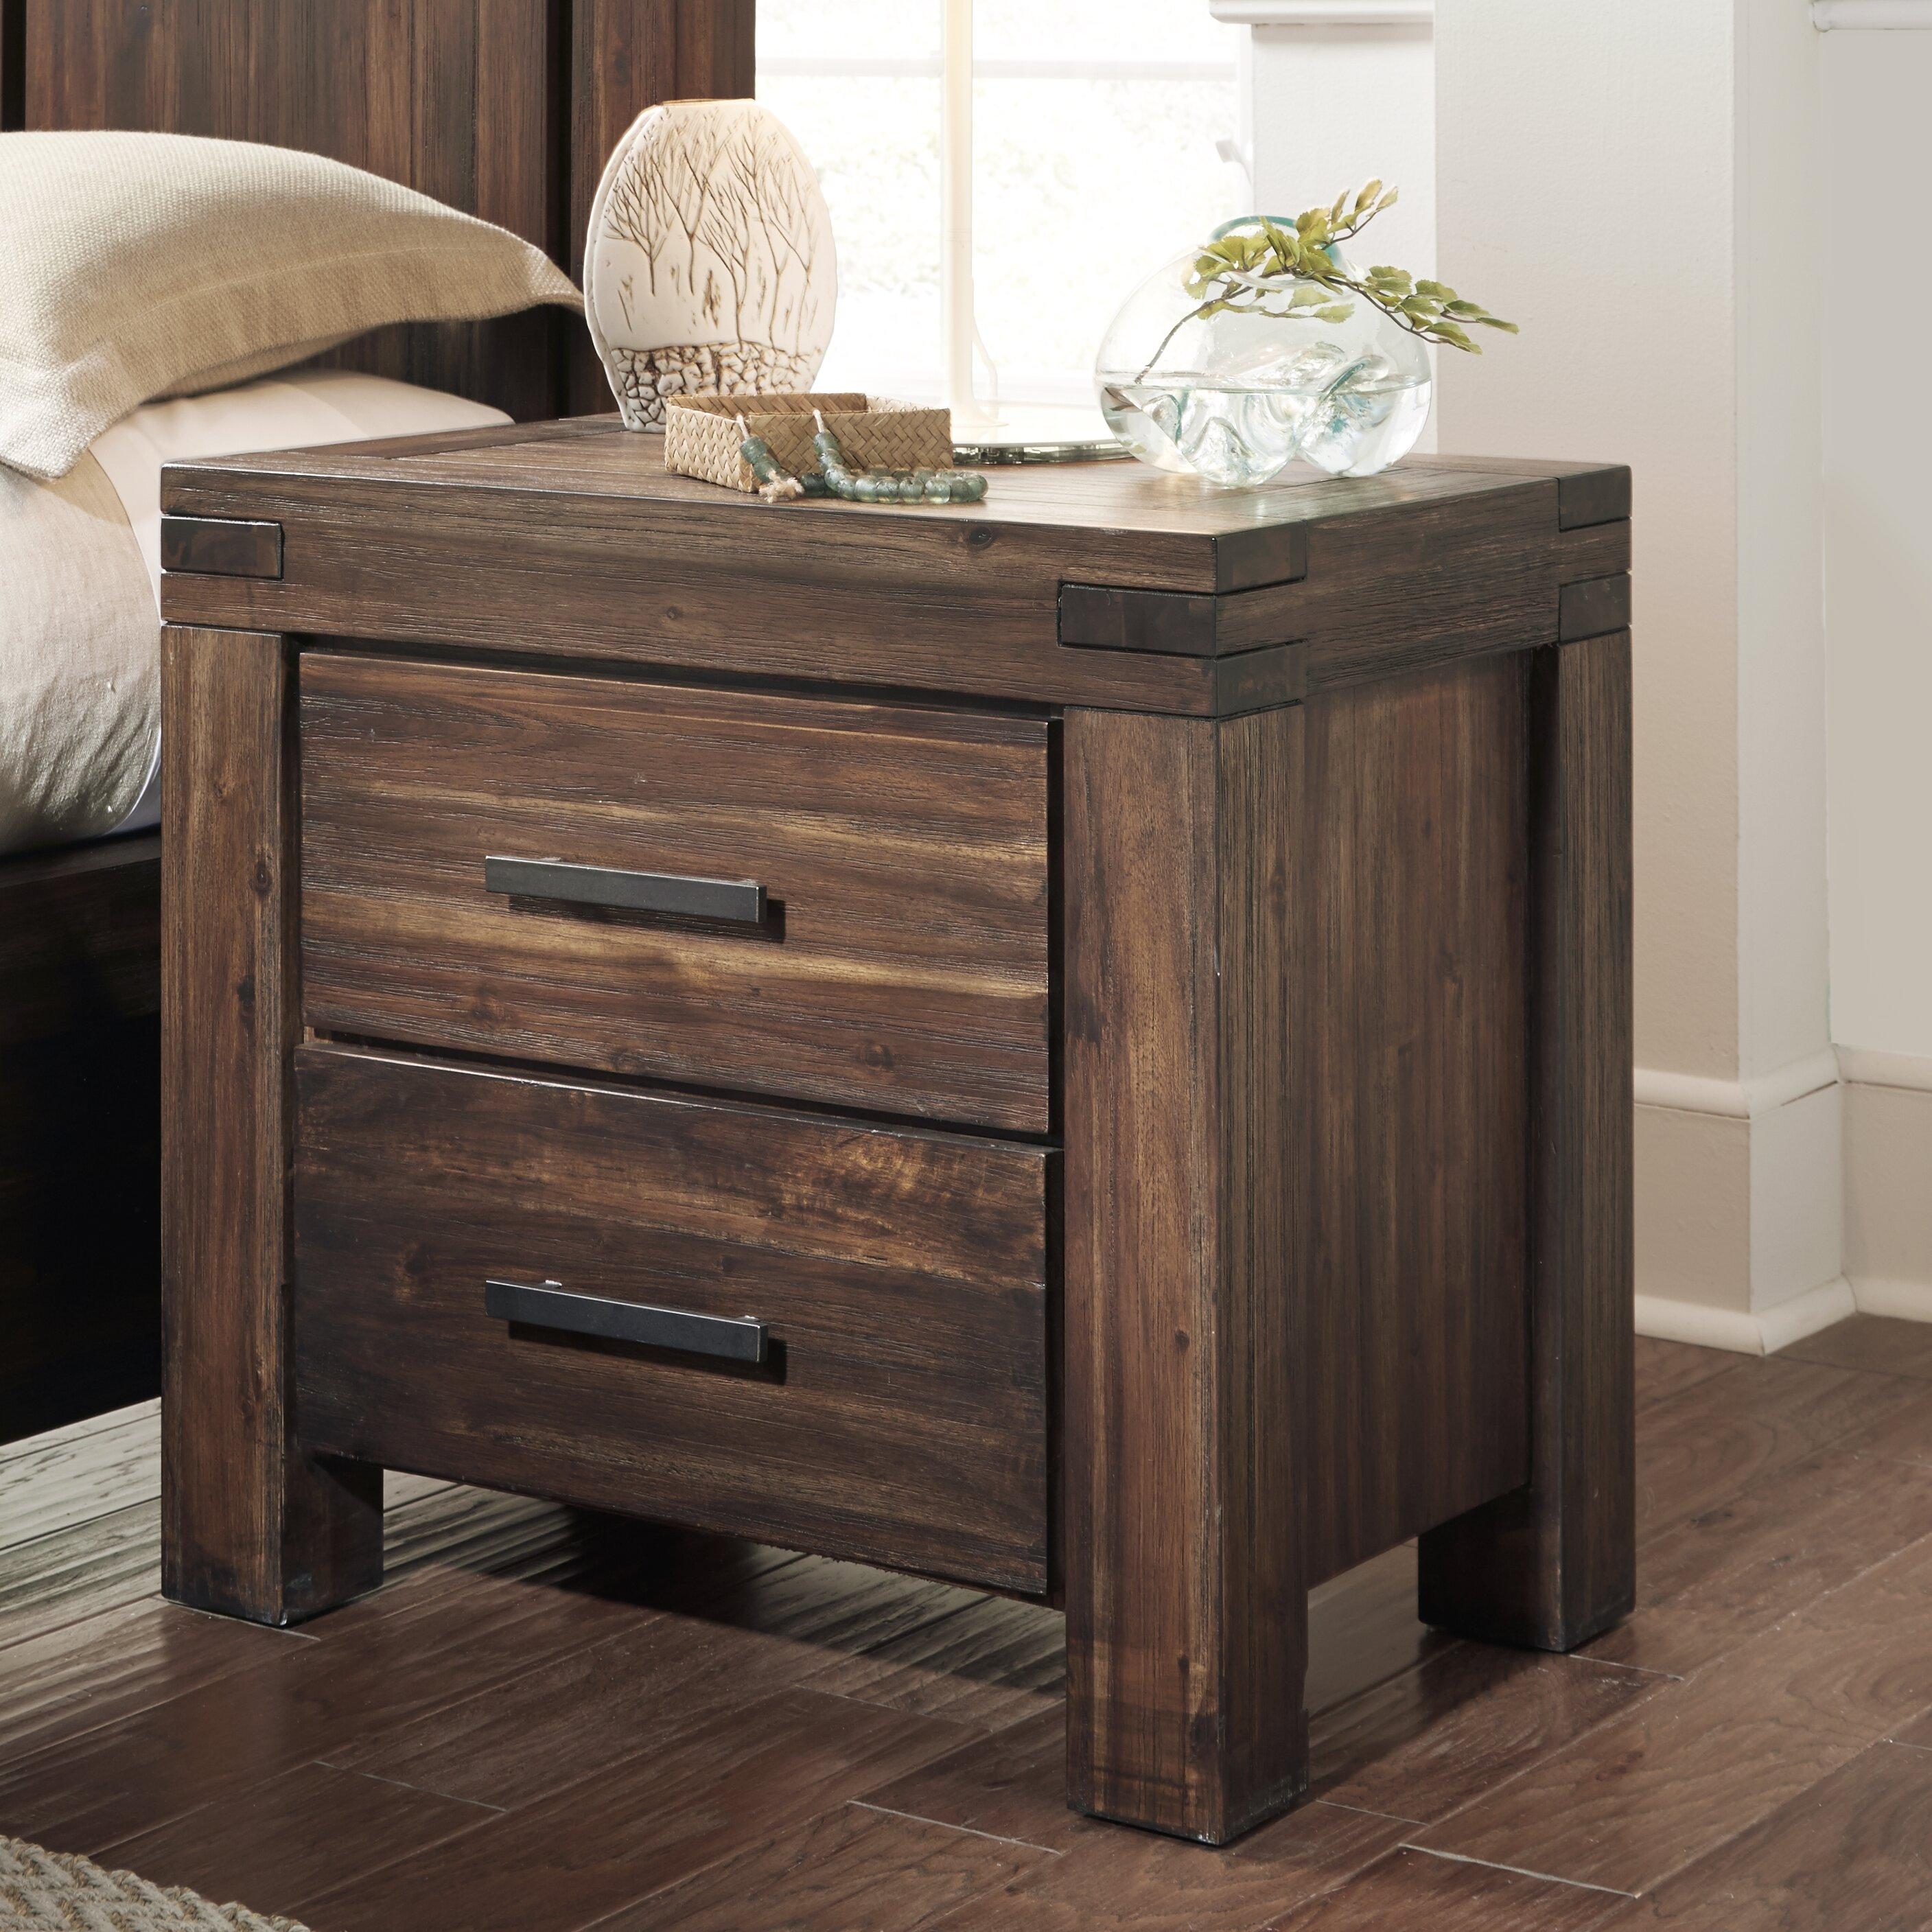 Loon peak gibson 2 drawer nightstand reviews wayfair for Tall rustic nightstands